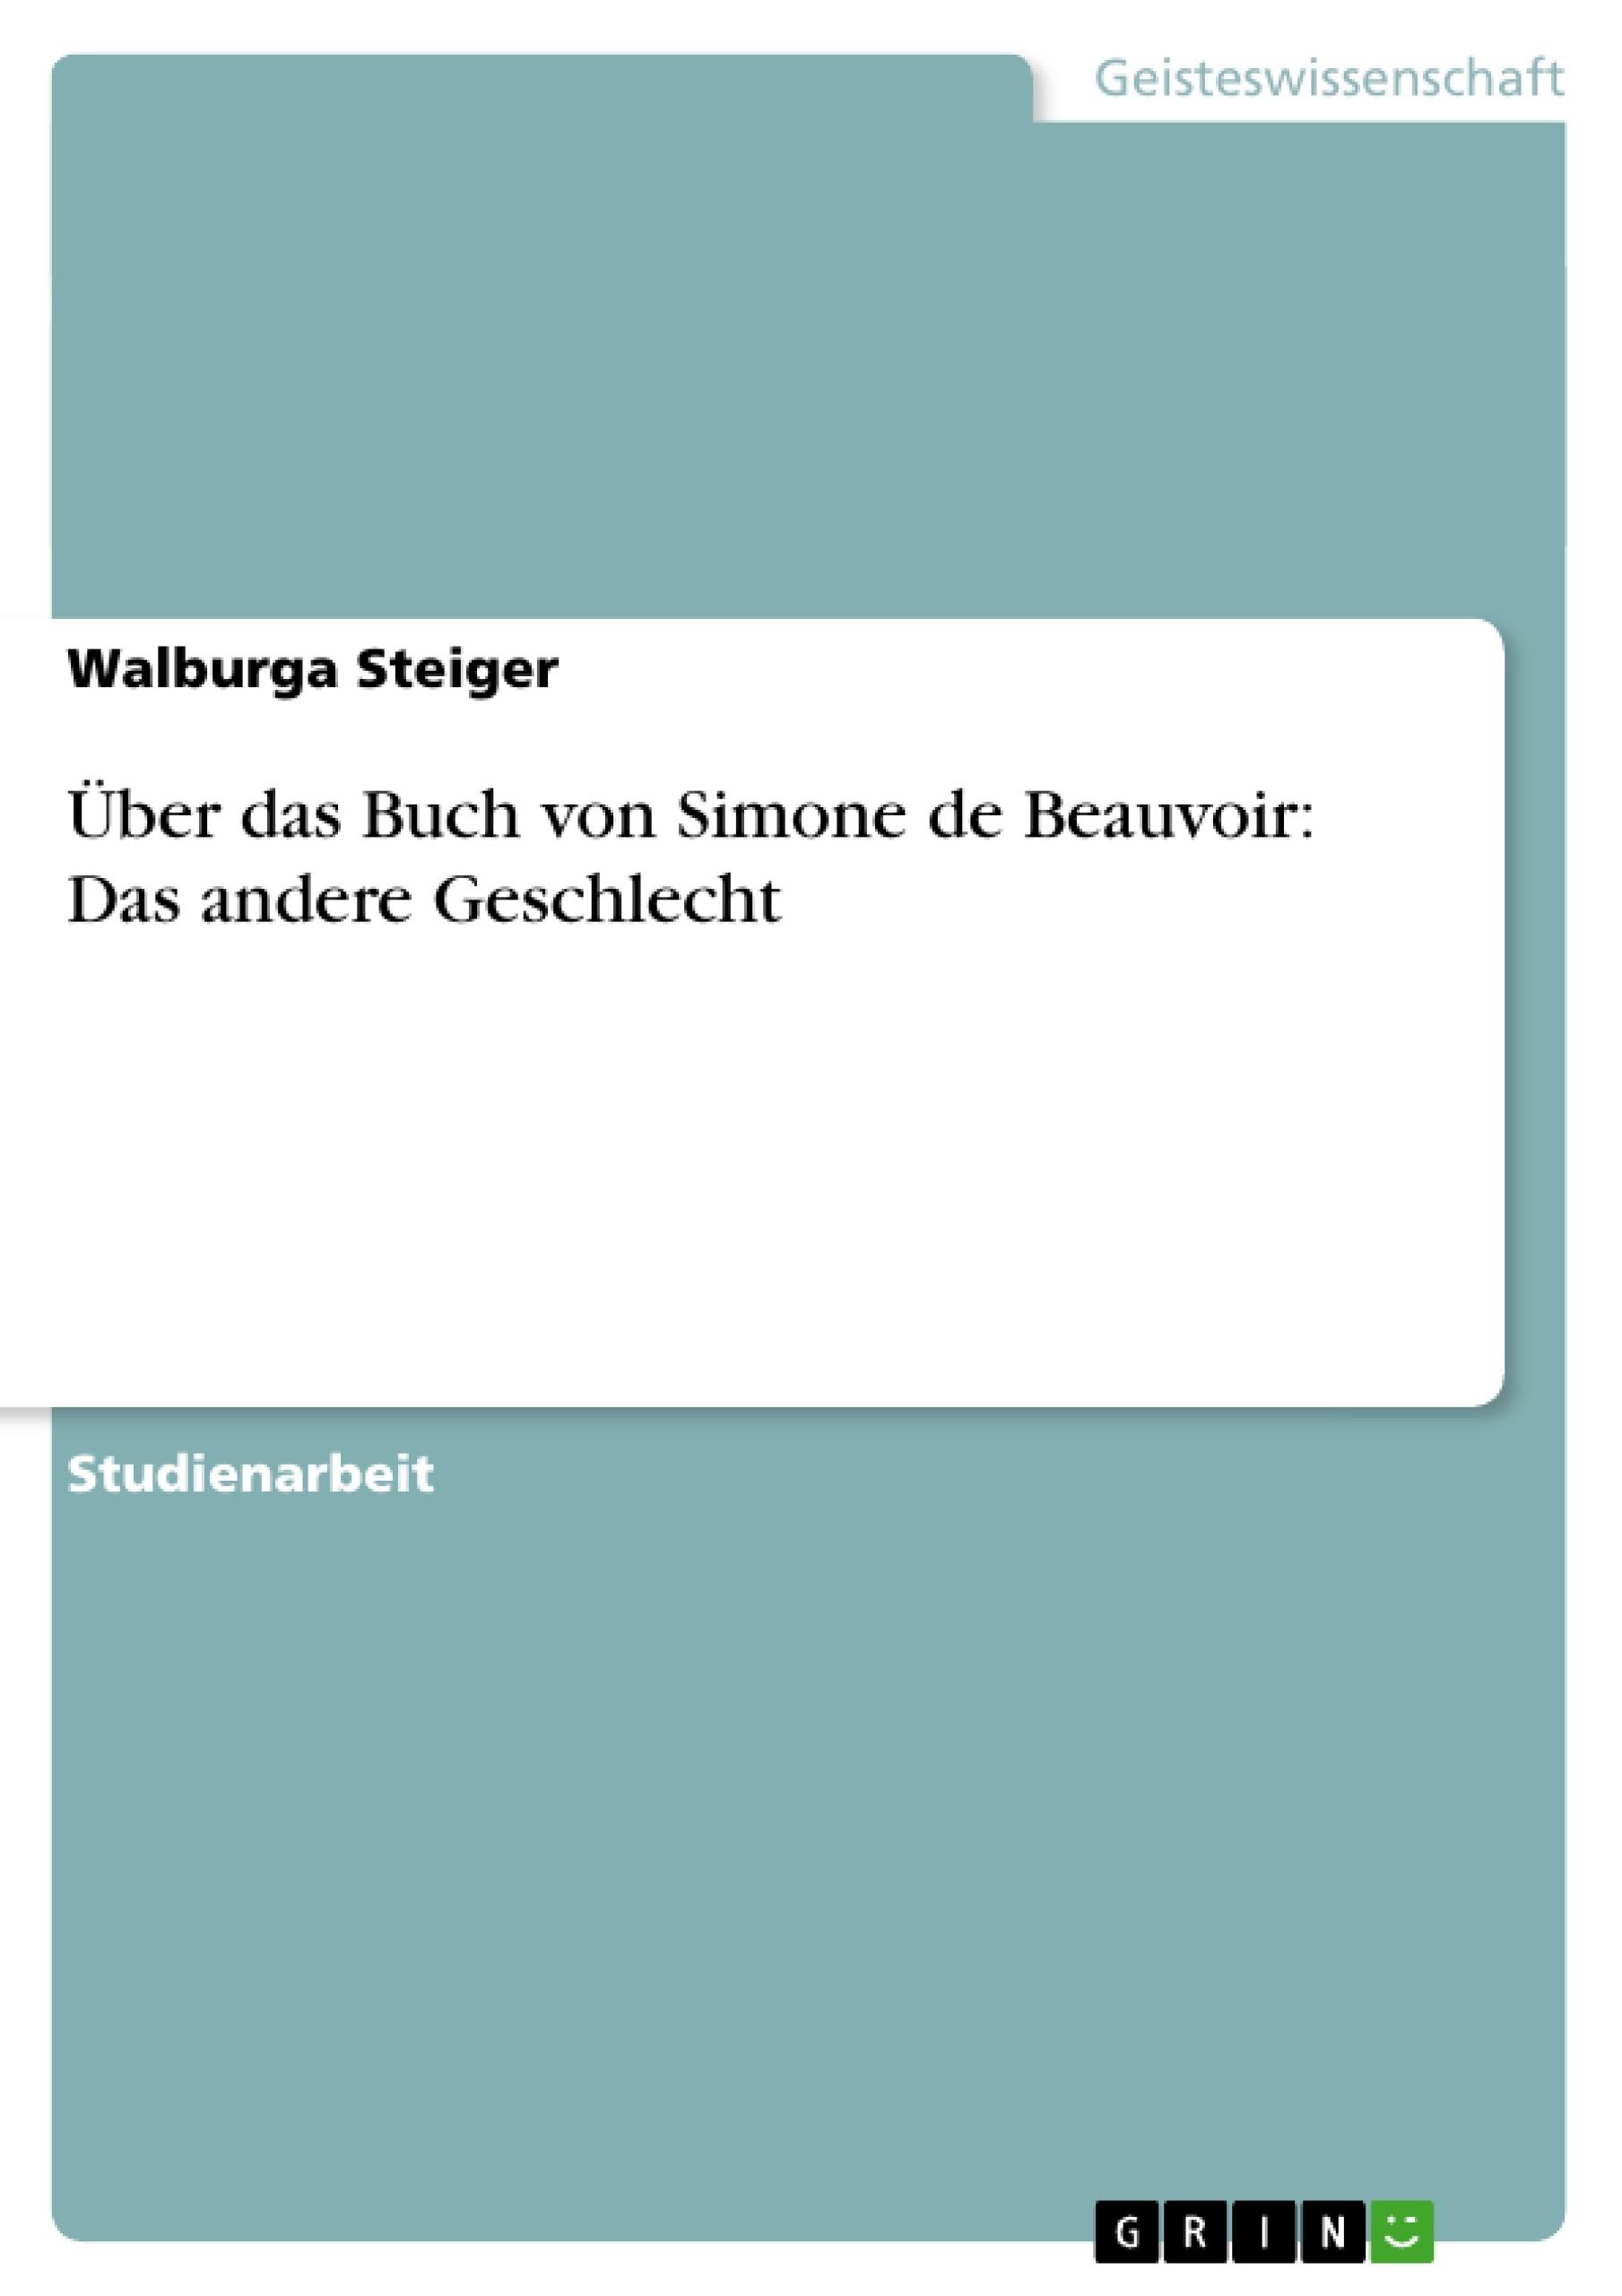 Titel: Über das Buch von Simone de Beauvoir: Das andere Geschlecht